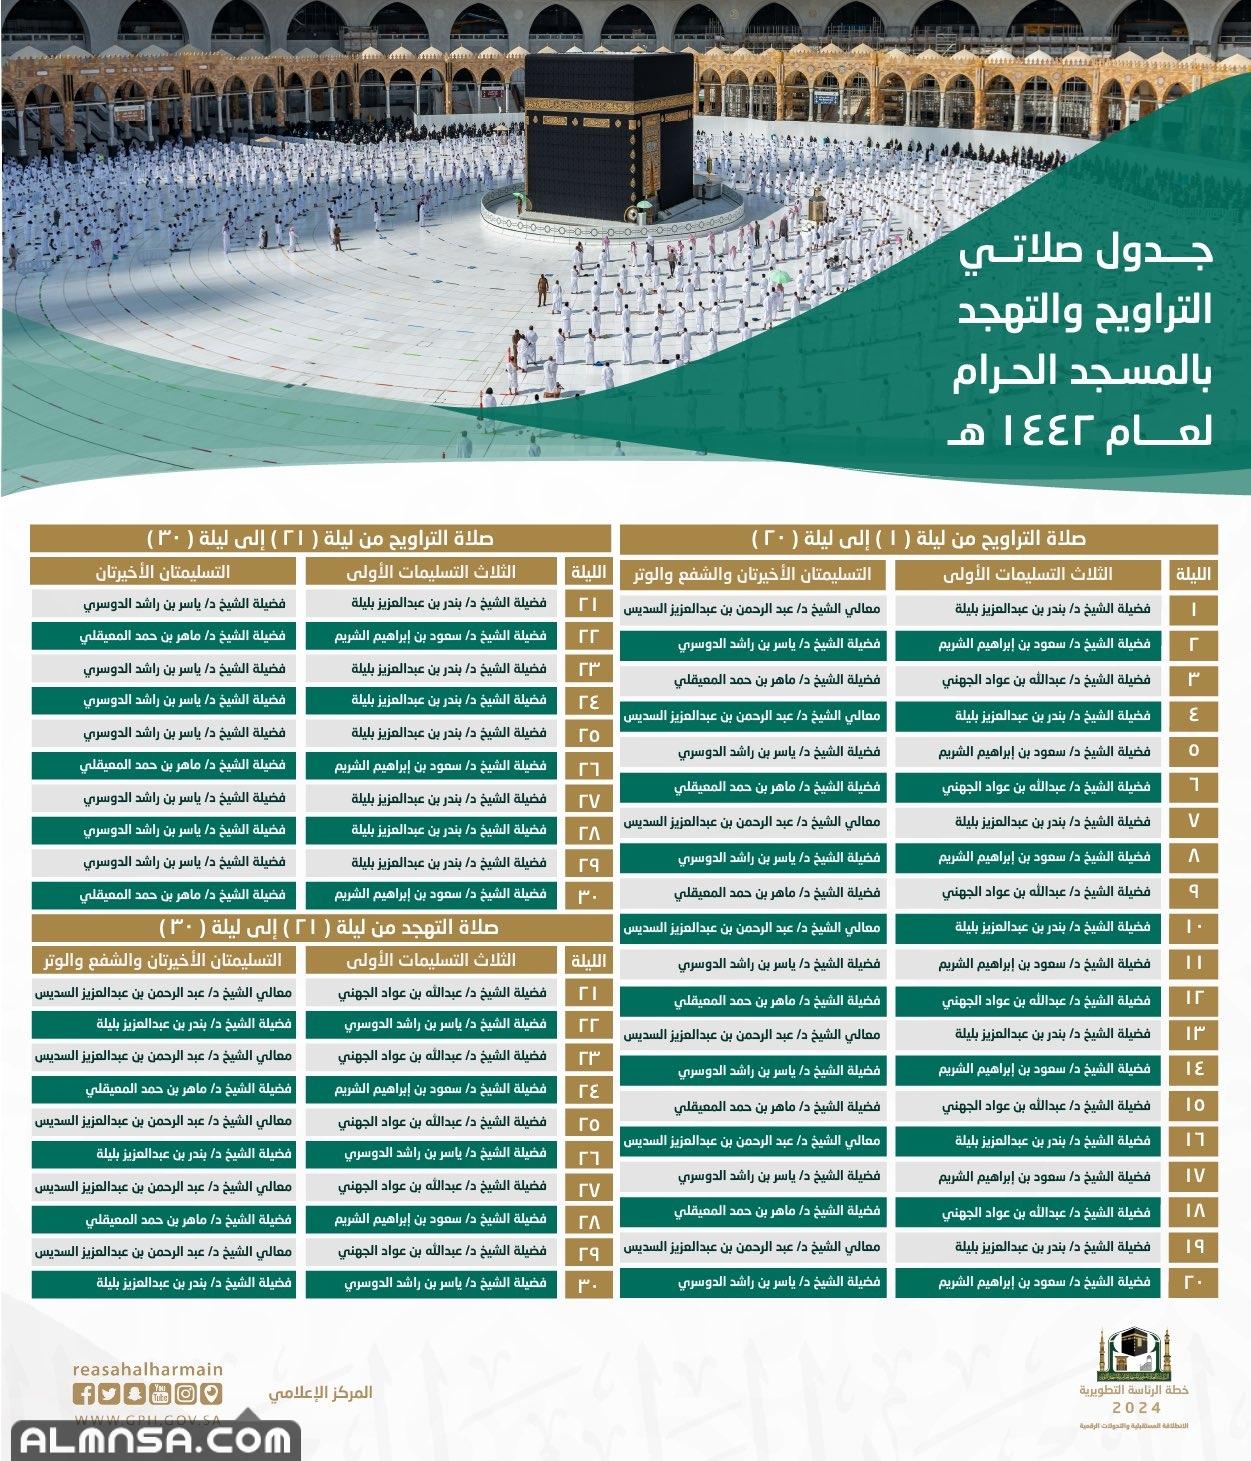 جدول أئمة الحرم المكي 1442 في صلاة التهجد